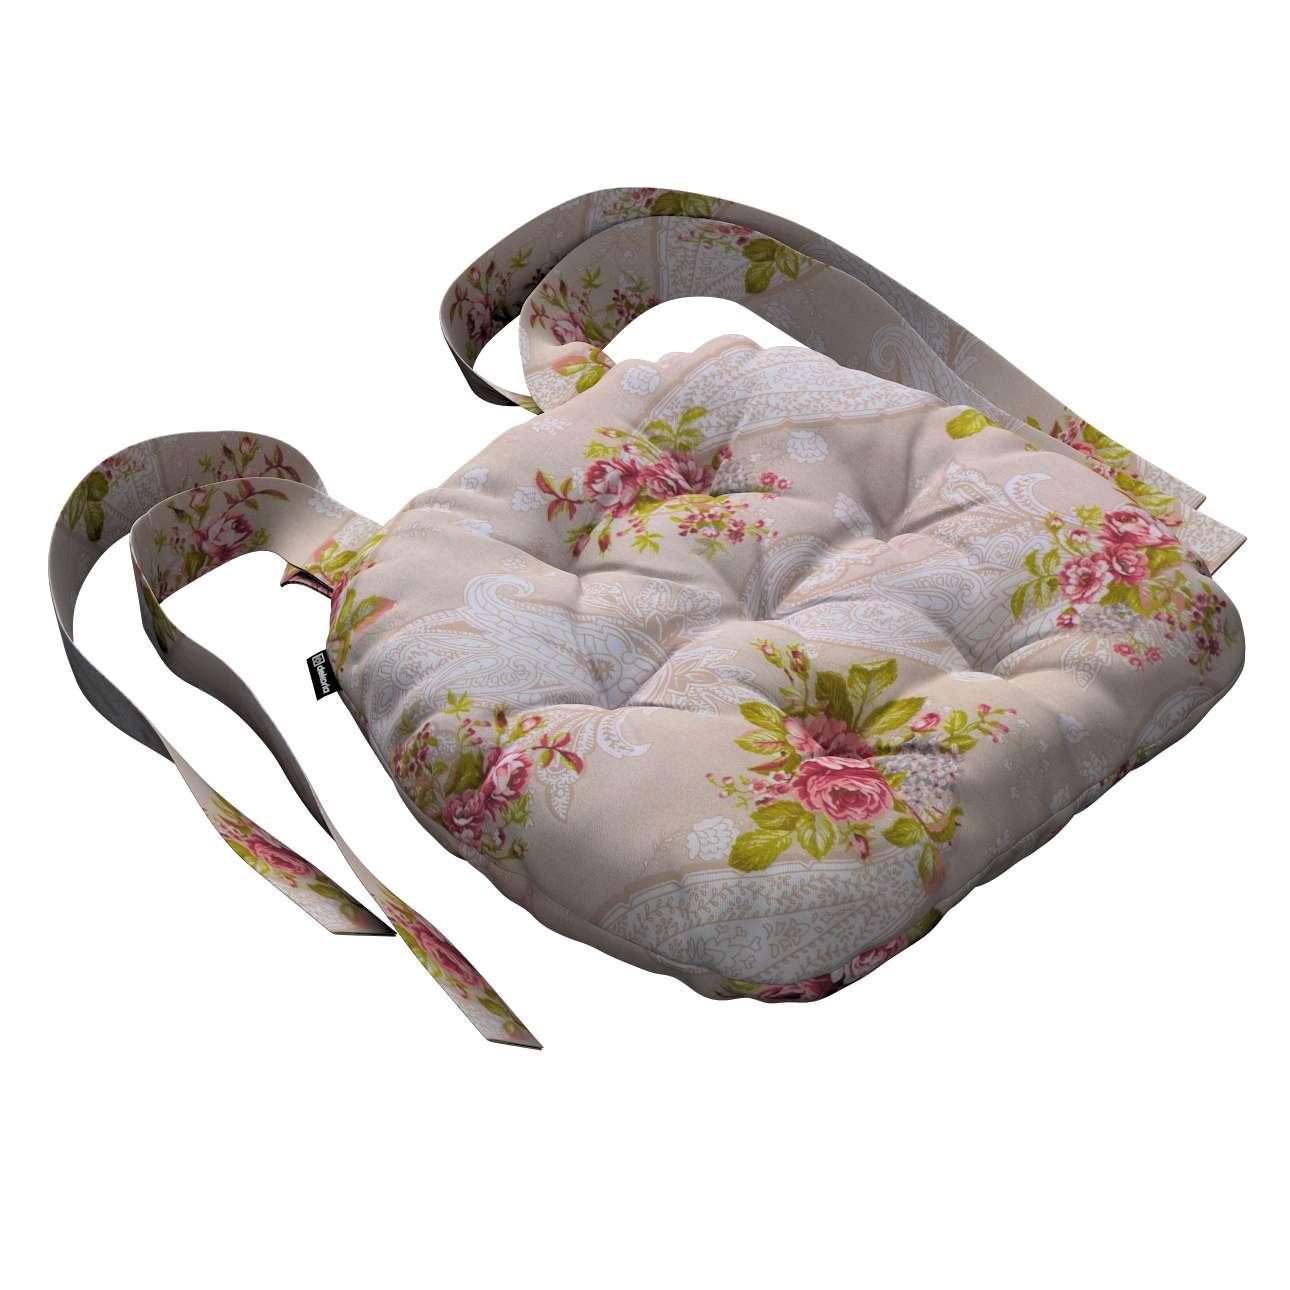 Kėdės pagalvėlė Marcin (apvaliais kraštais) kolekcijoje Flowers, audinys: 311-15